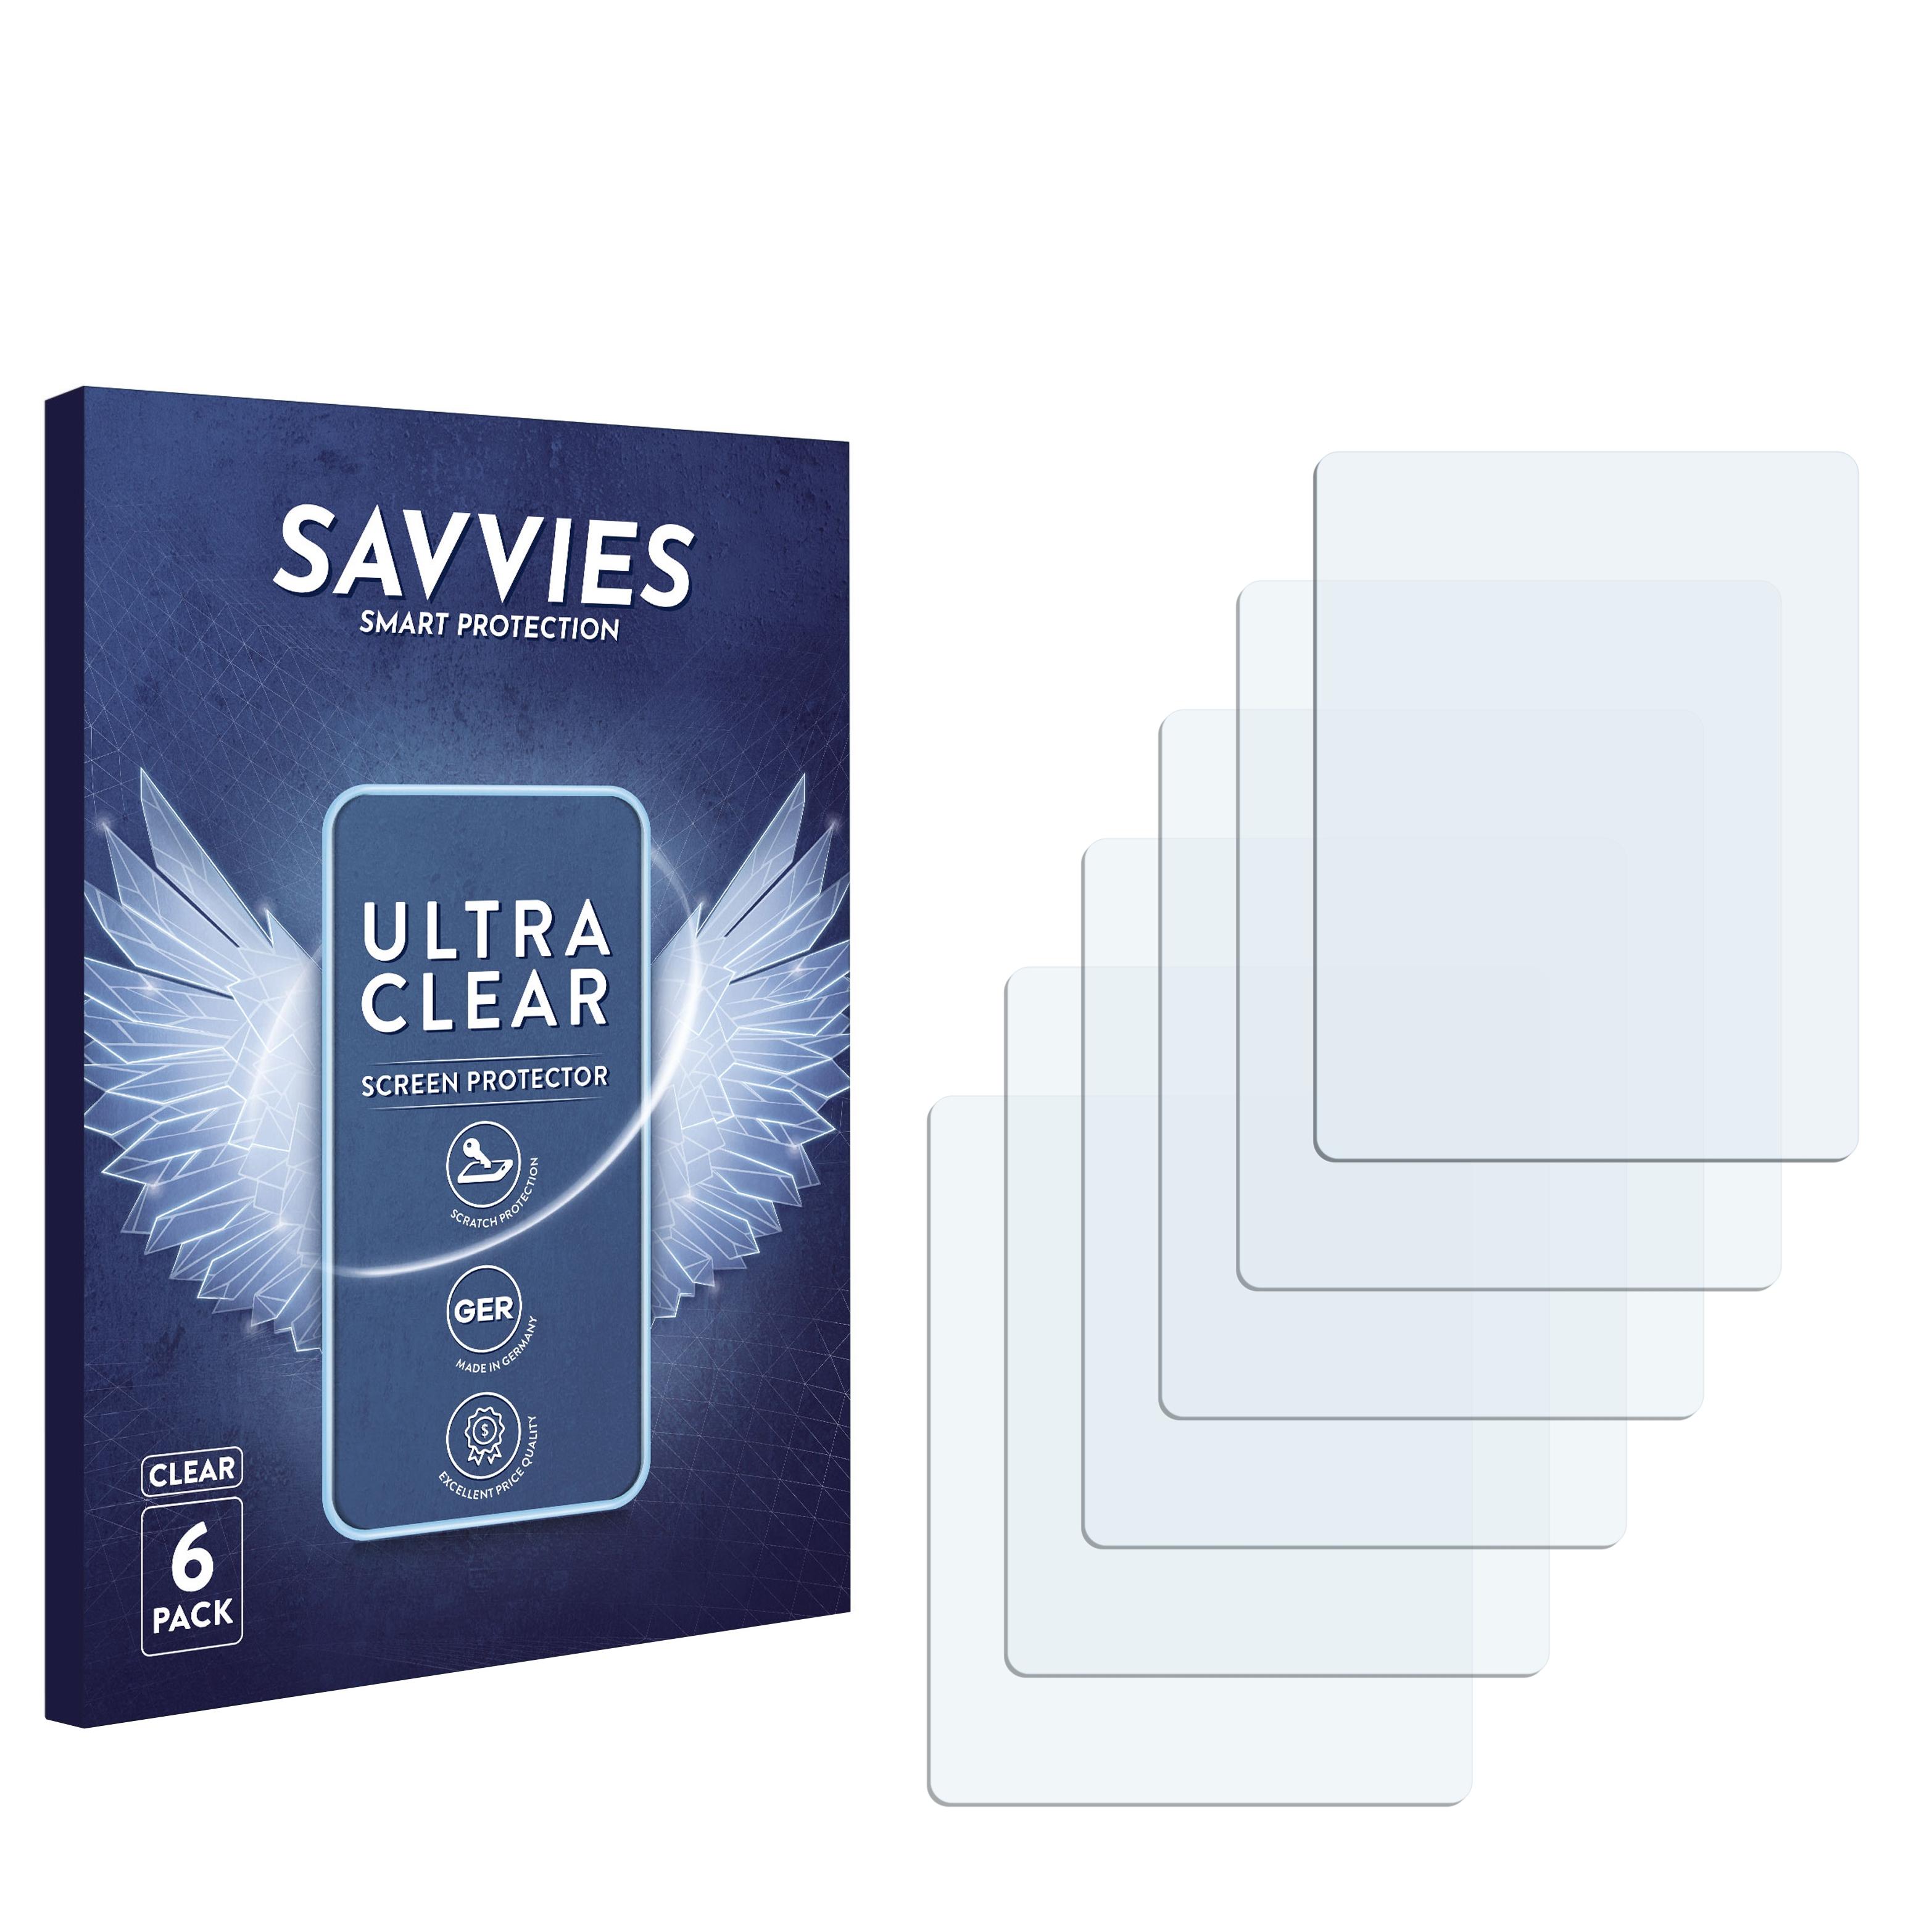 Ochranná fólie Savvies na Acer c510, 6ks